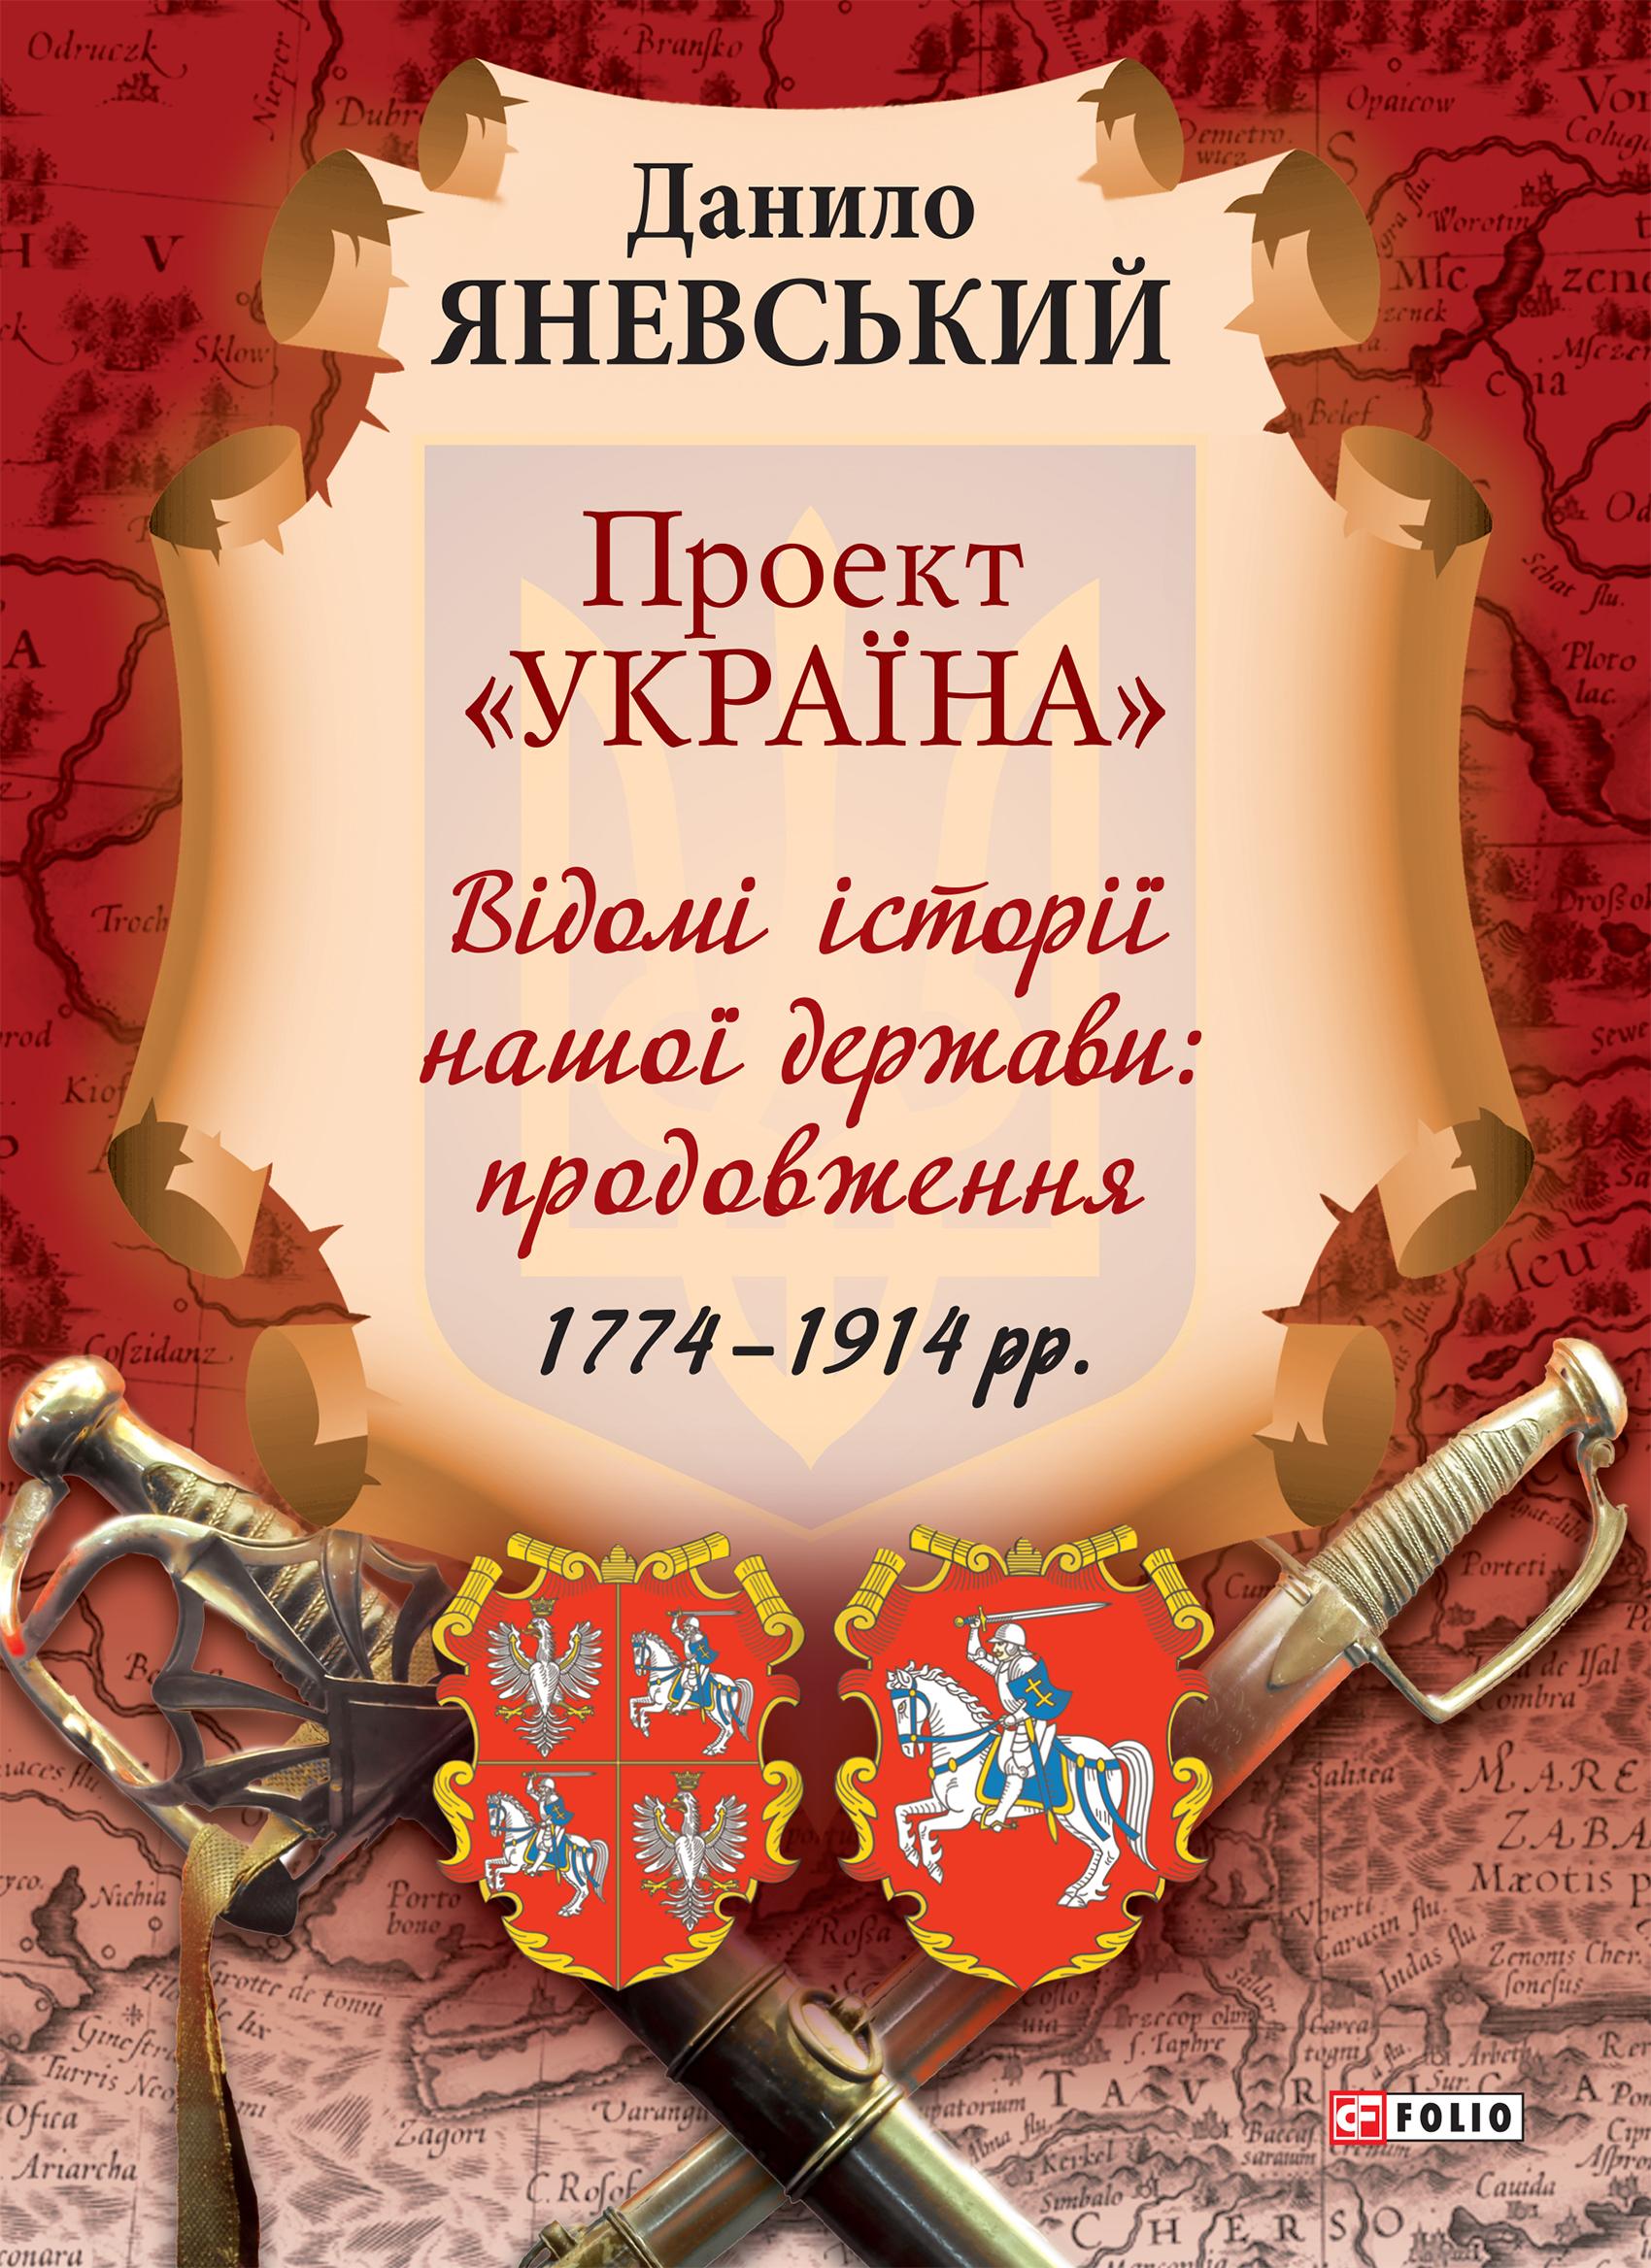 Данило Яневський Проект «Україна» Відомі історії нашої держави: продовження 1774 - 1914 рр.